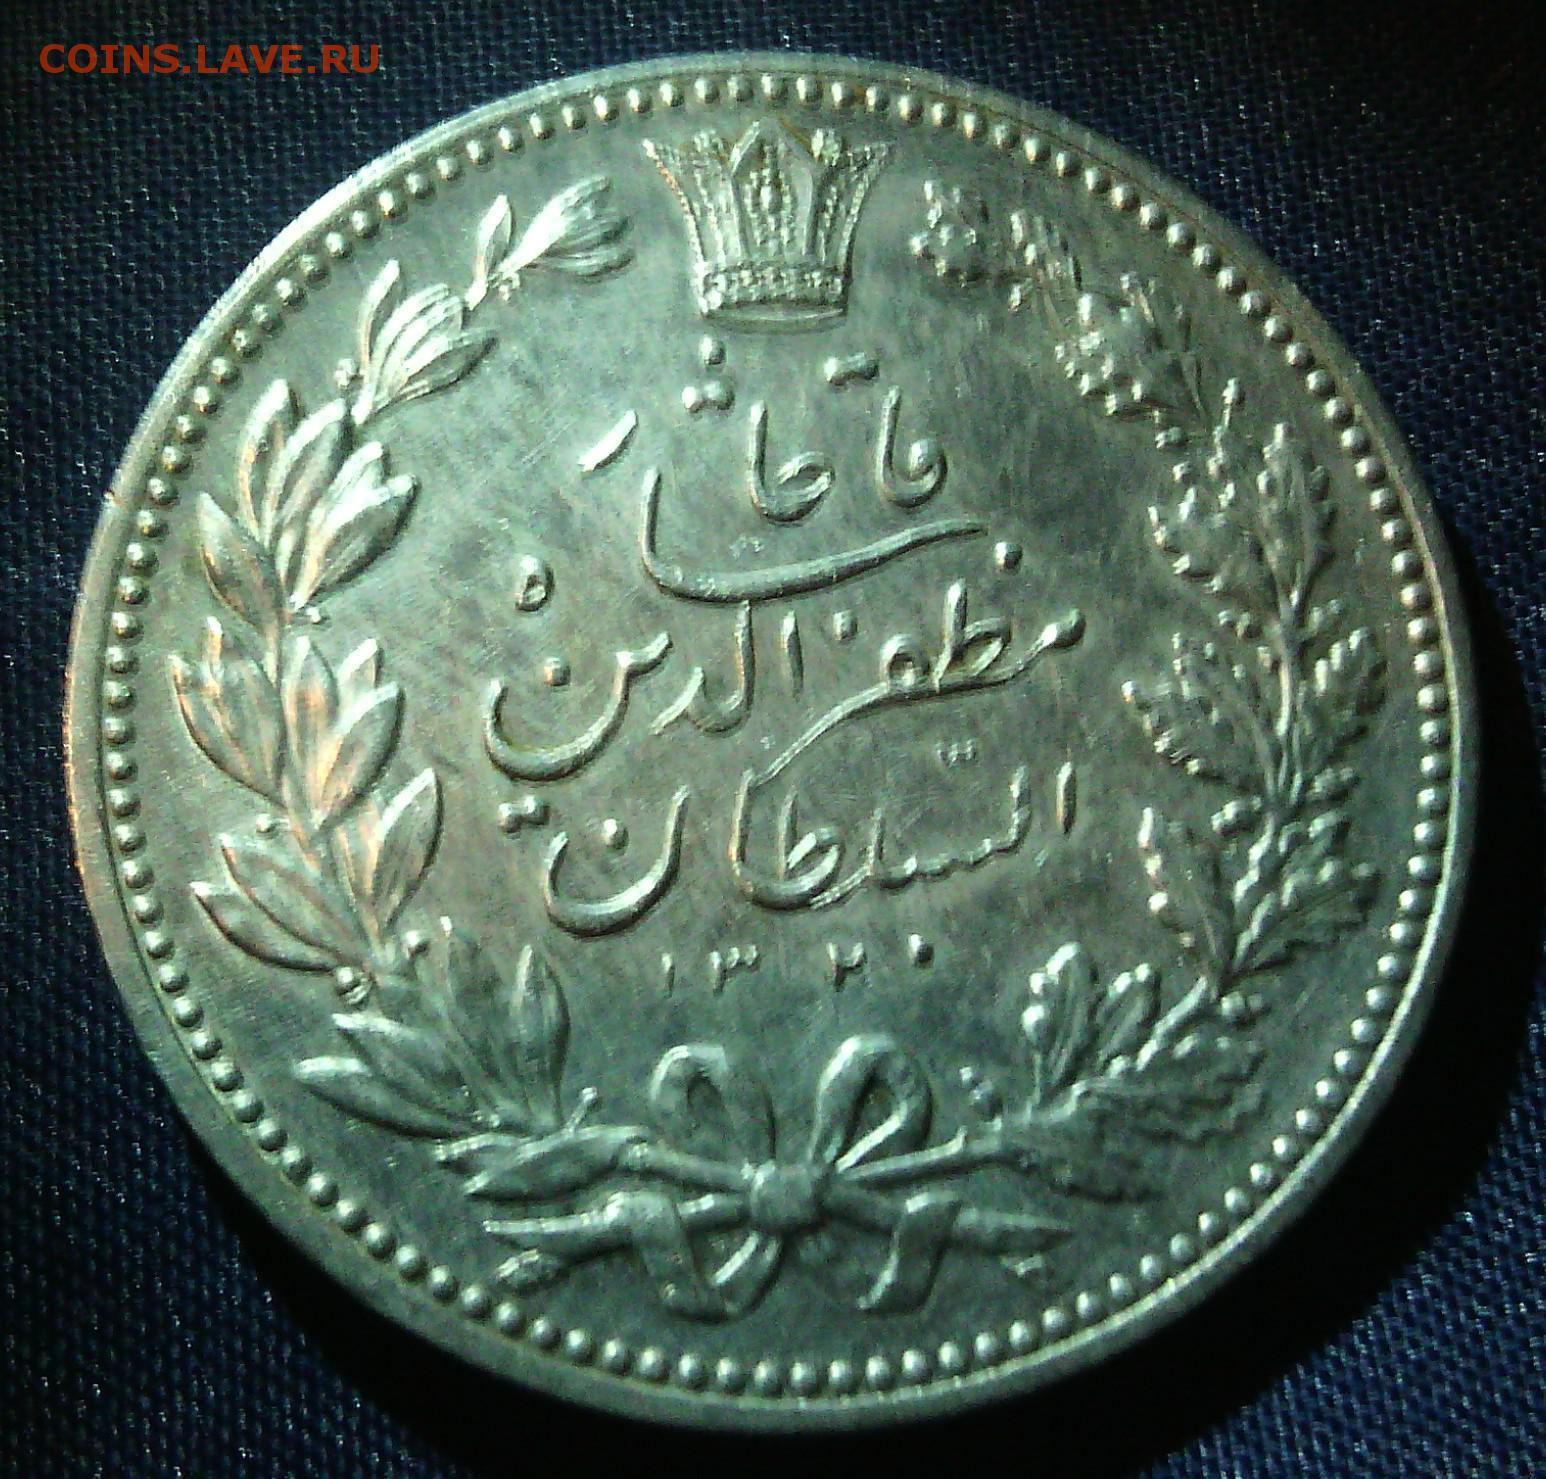 Старая арабская монета со львом. серебро - монеты россии и с.